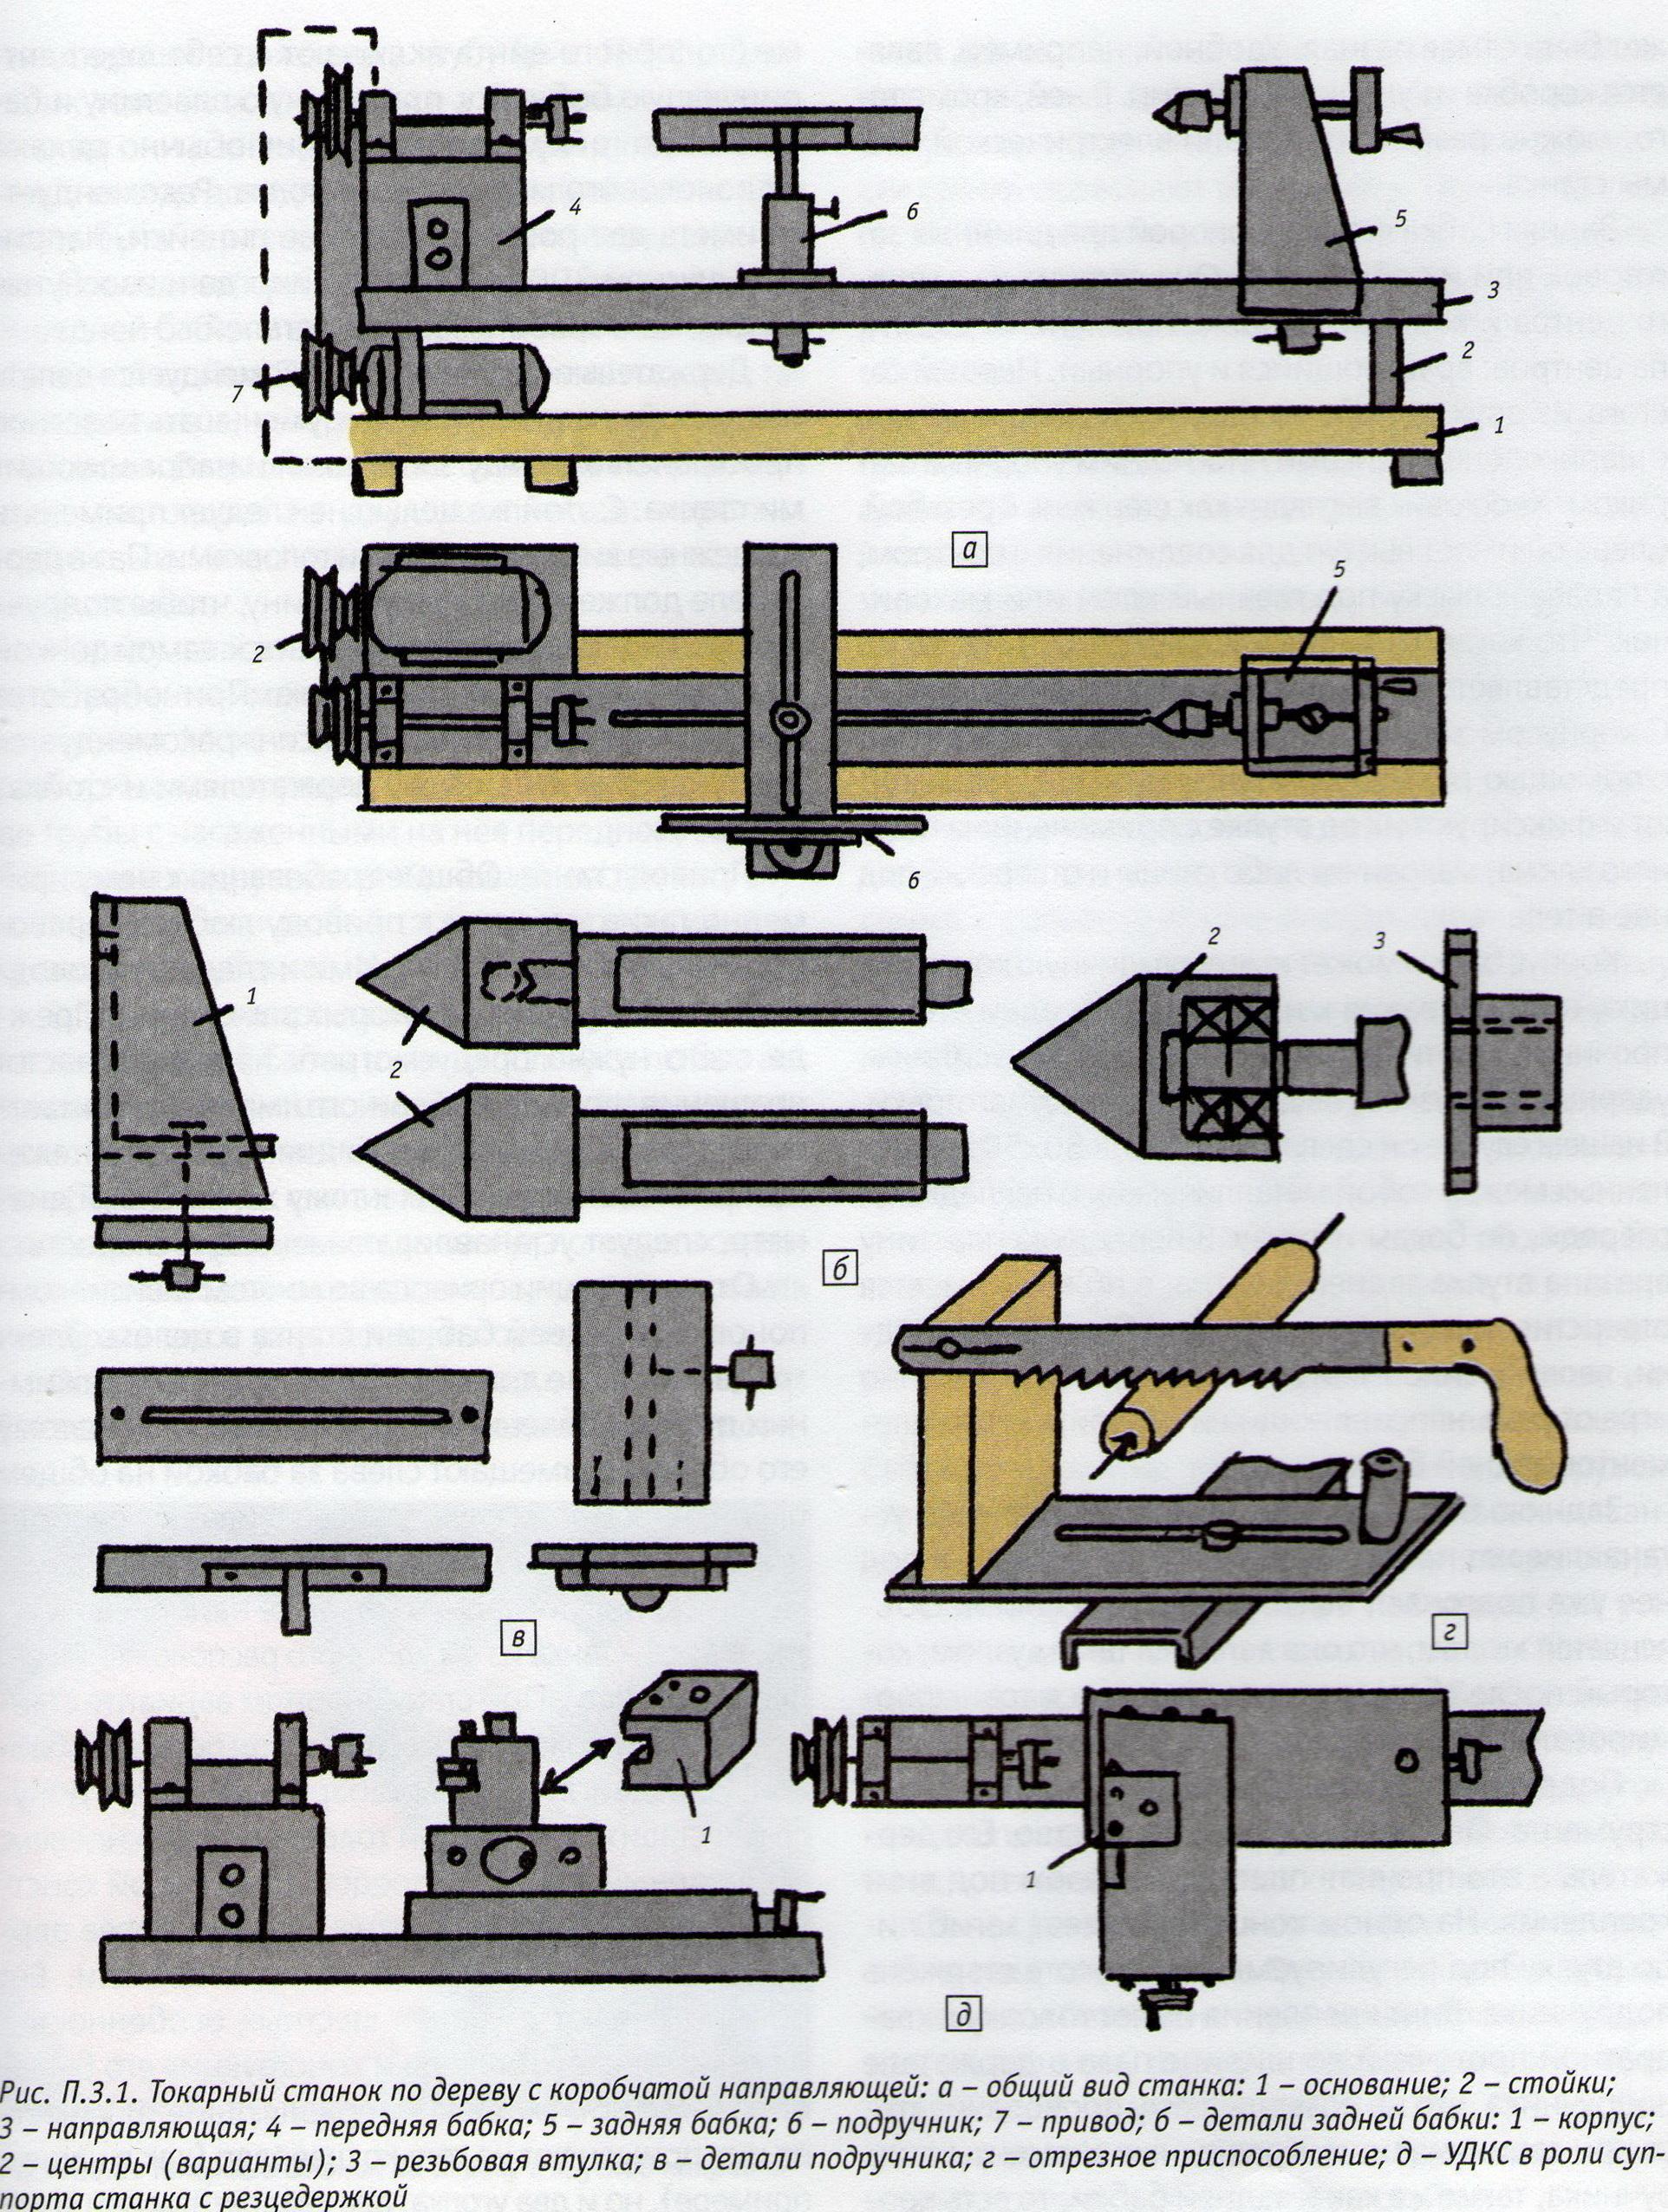 Общая схема станка